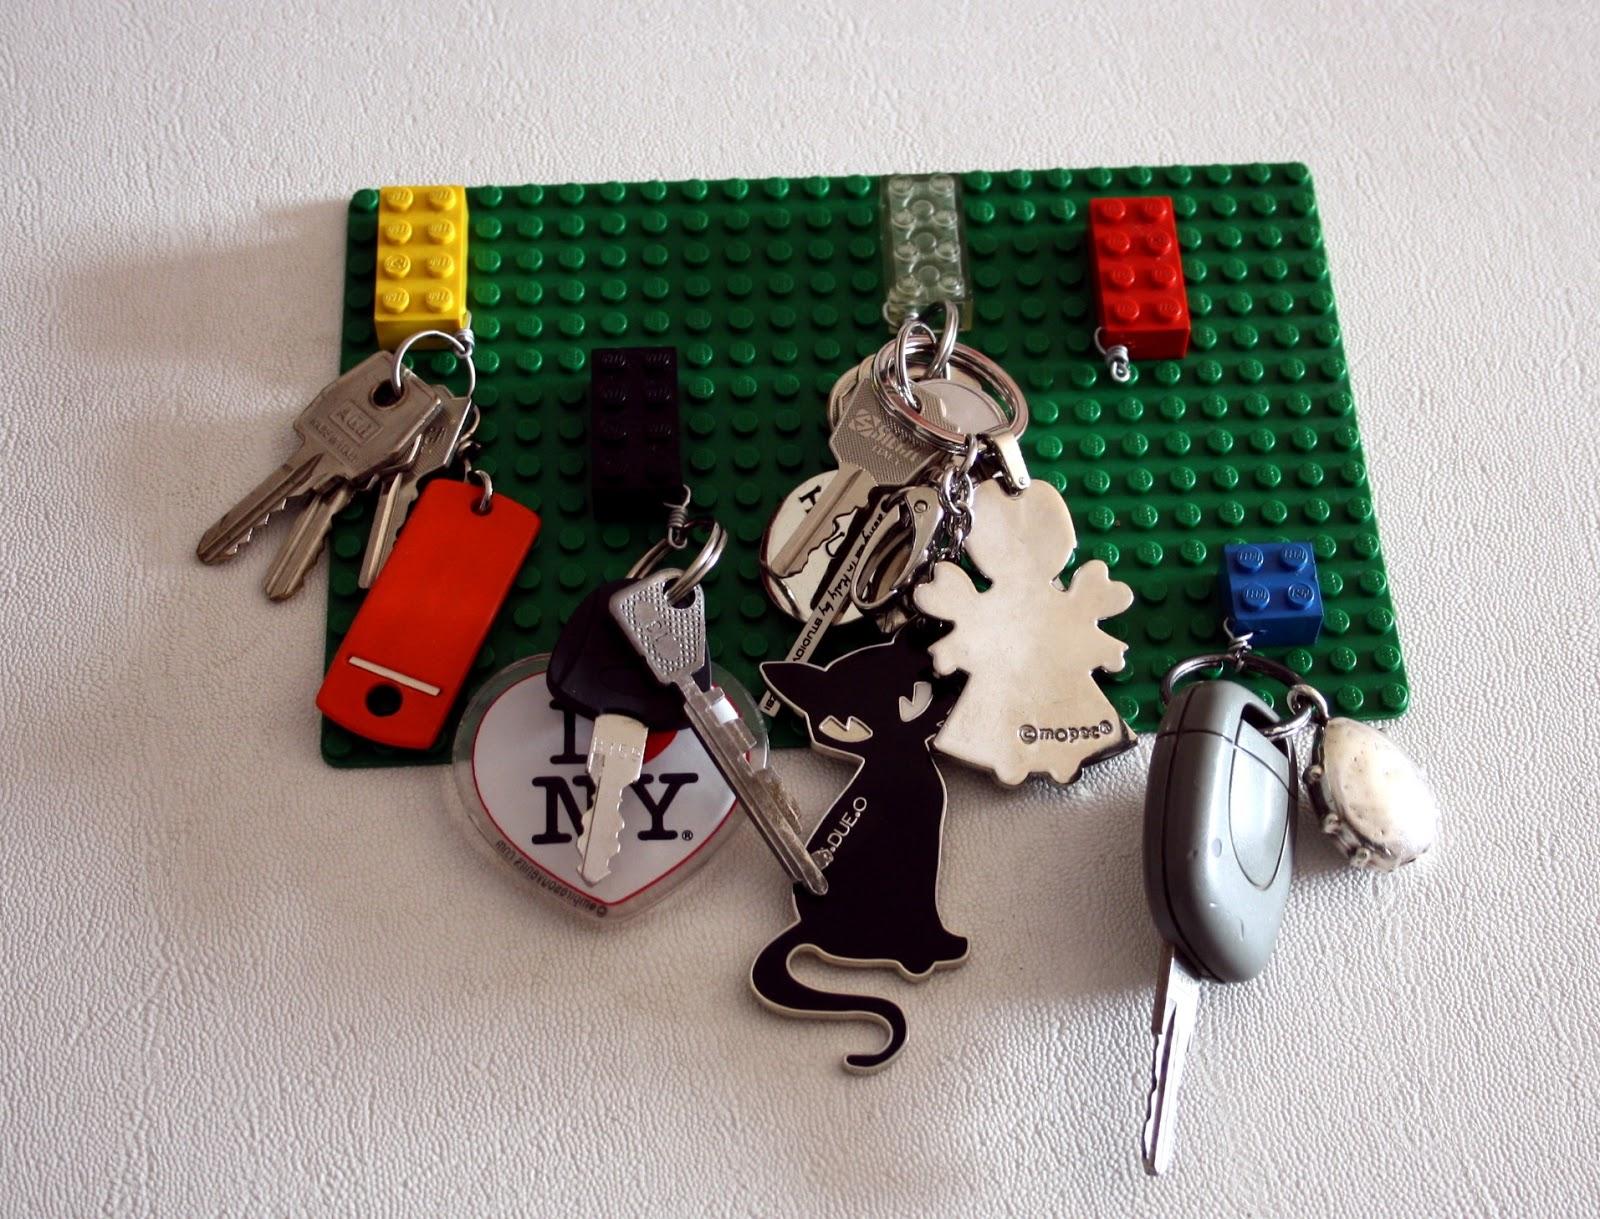 Il baule delle idee portachiavi da parete riciclando i lego - Portachiavi da parete ...